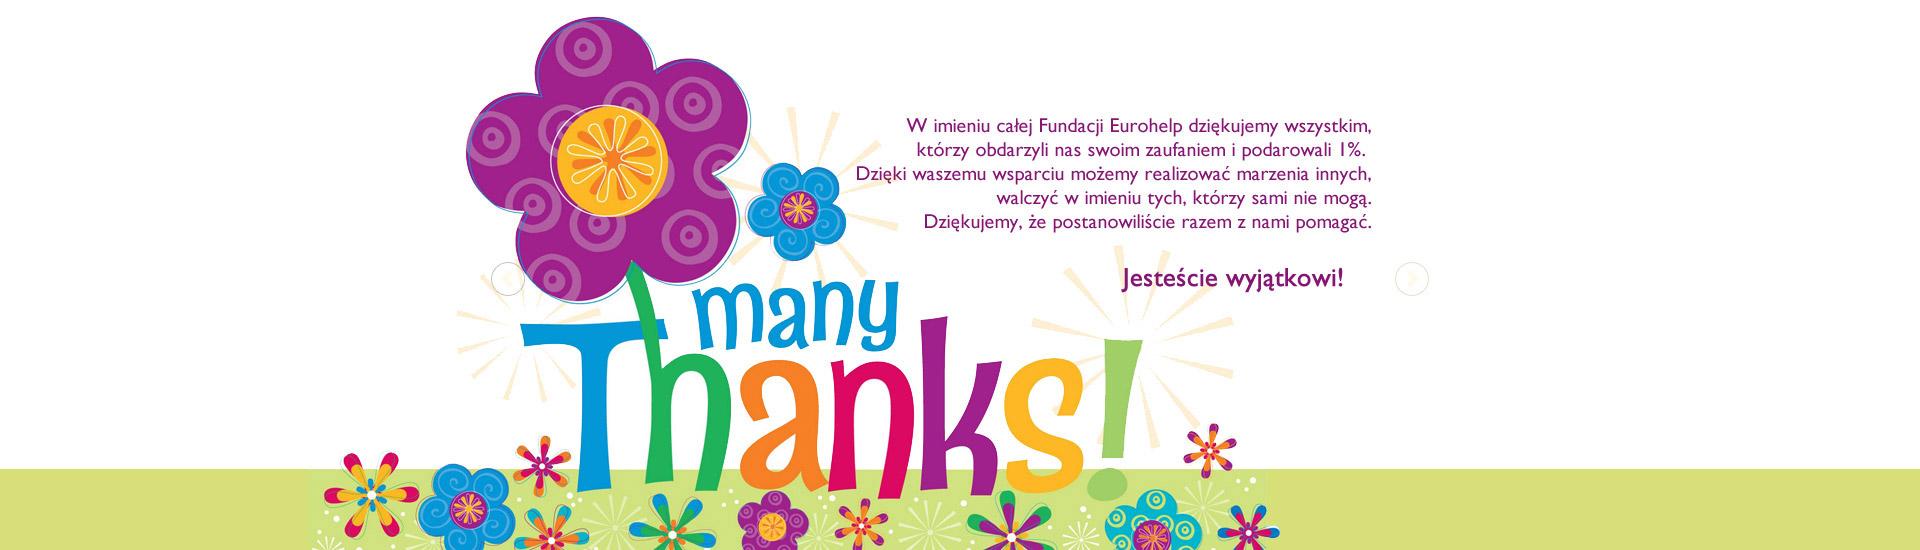 Dziękujemy - many thanks!